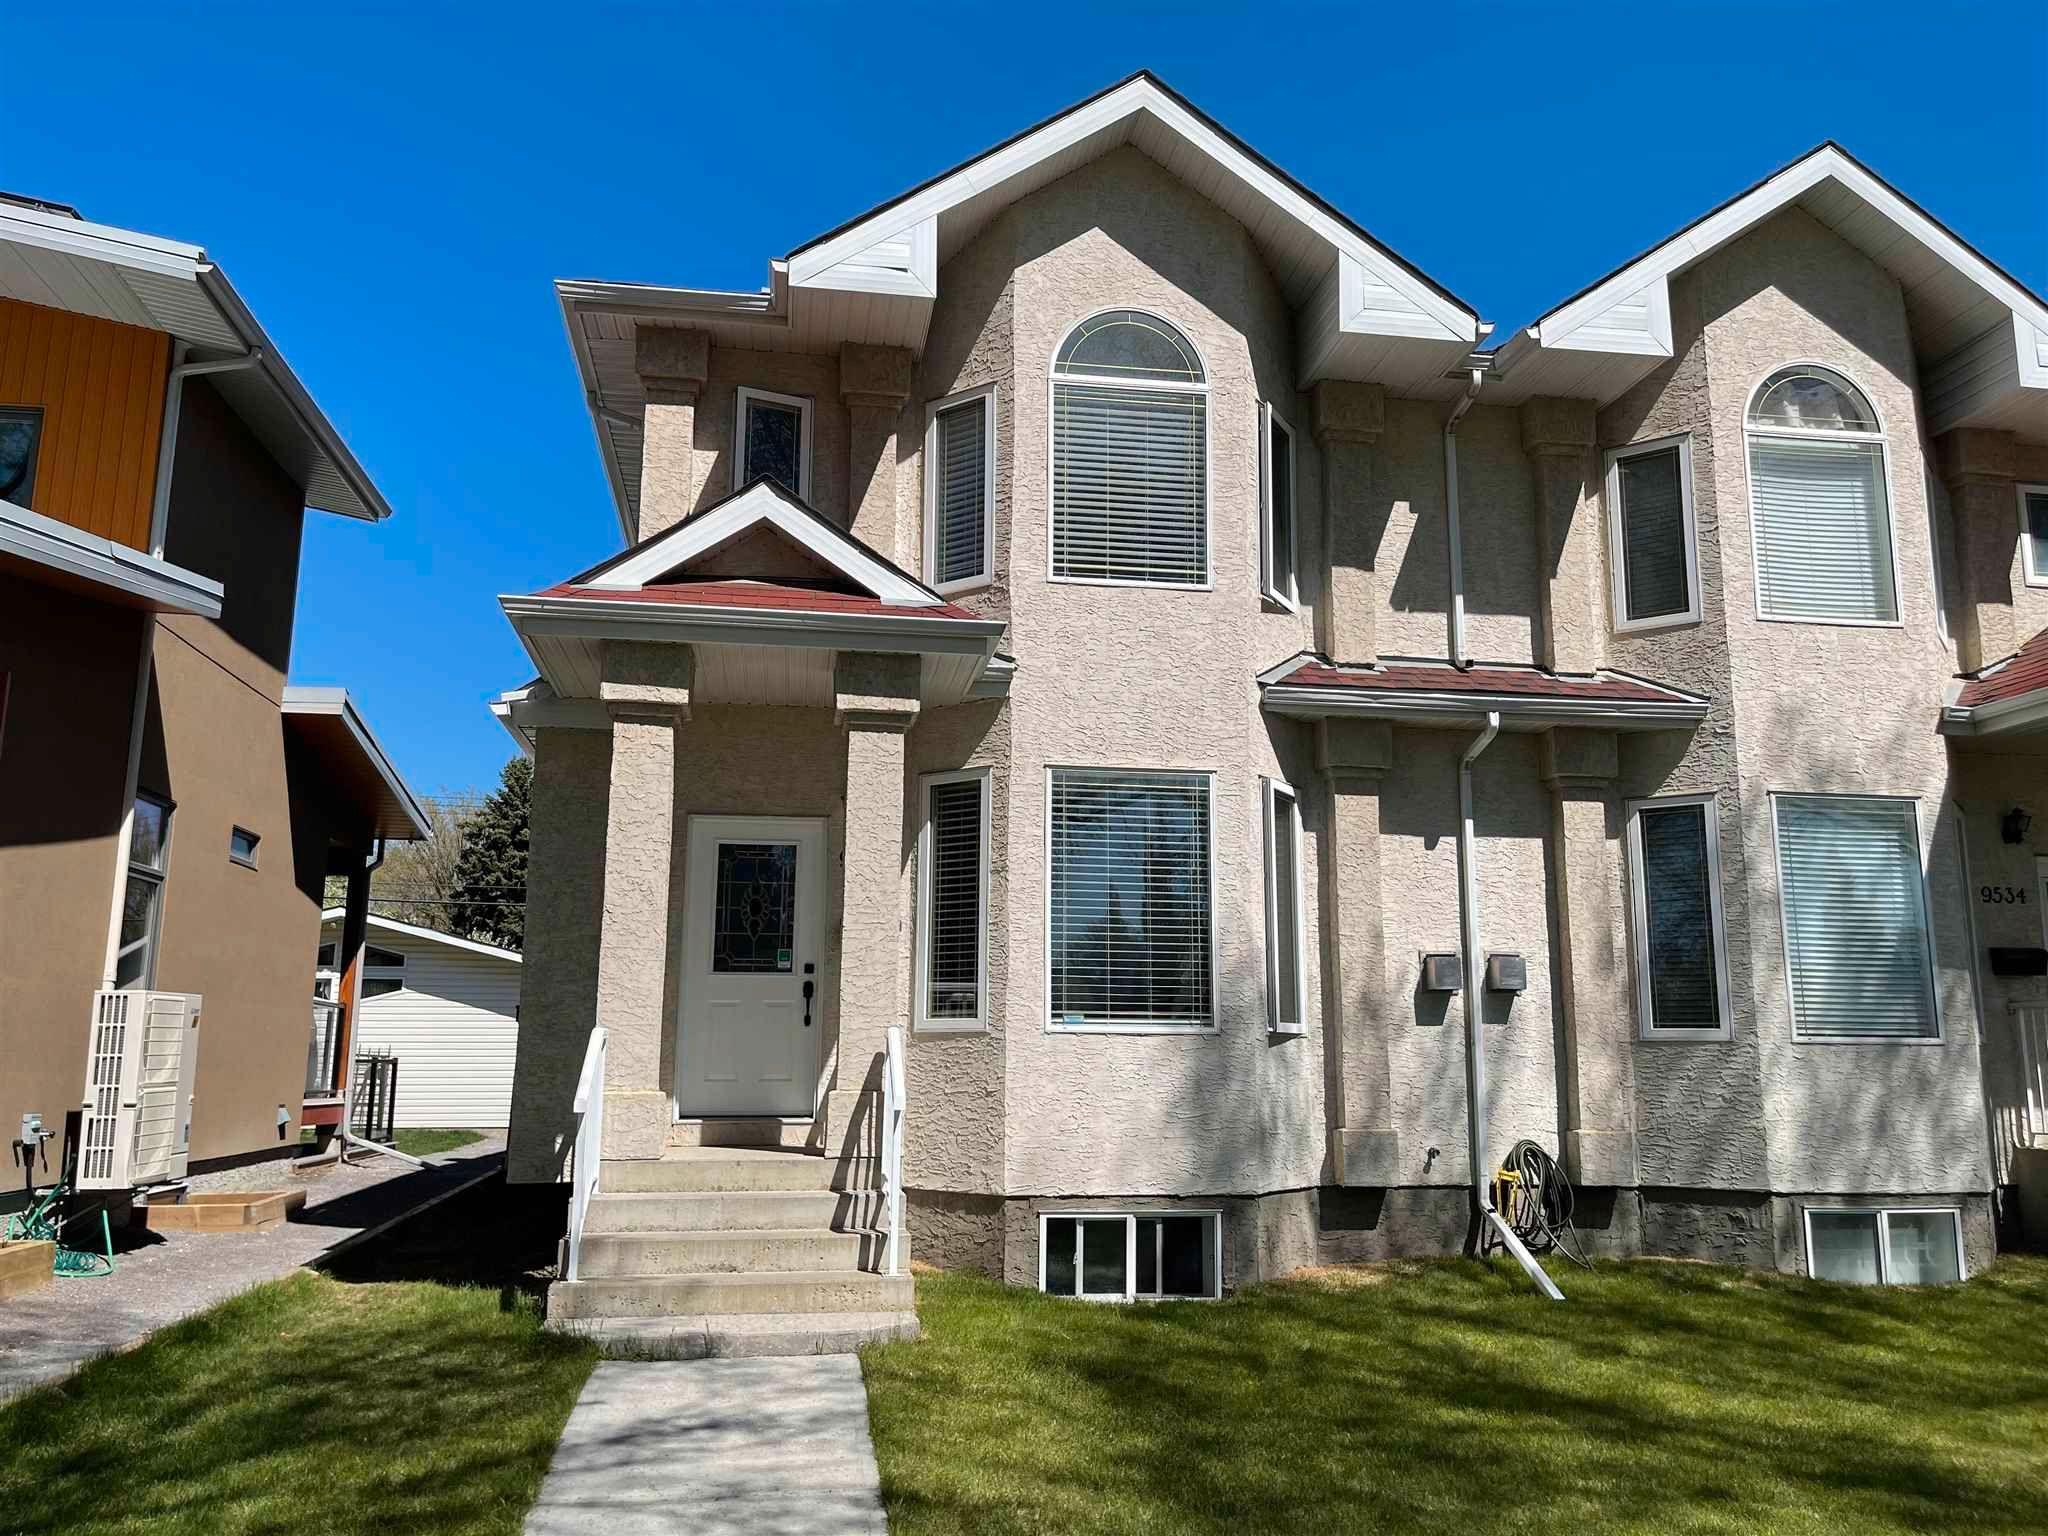 Main Photo: 9536 70 Avenue in Edmonton: Zone 17 House Half Duplex for sale : MLS®# E4245659